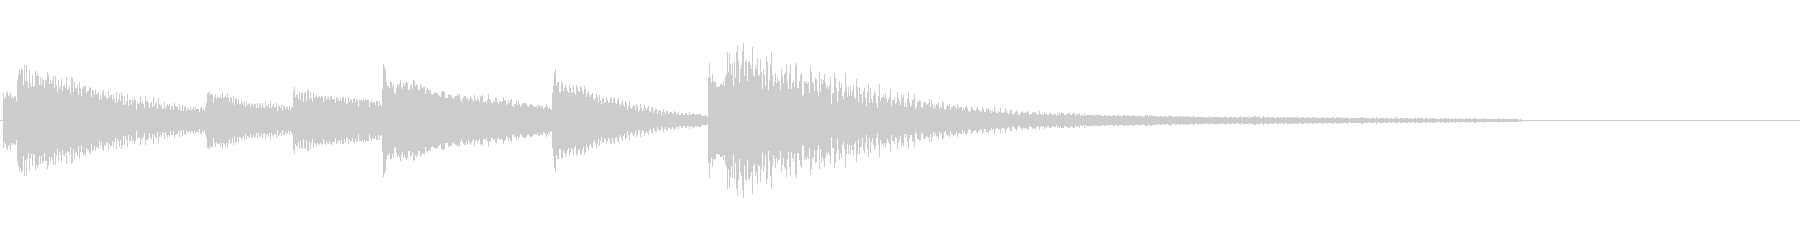 シンプルなピアノ ジングルの未再生の波形